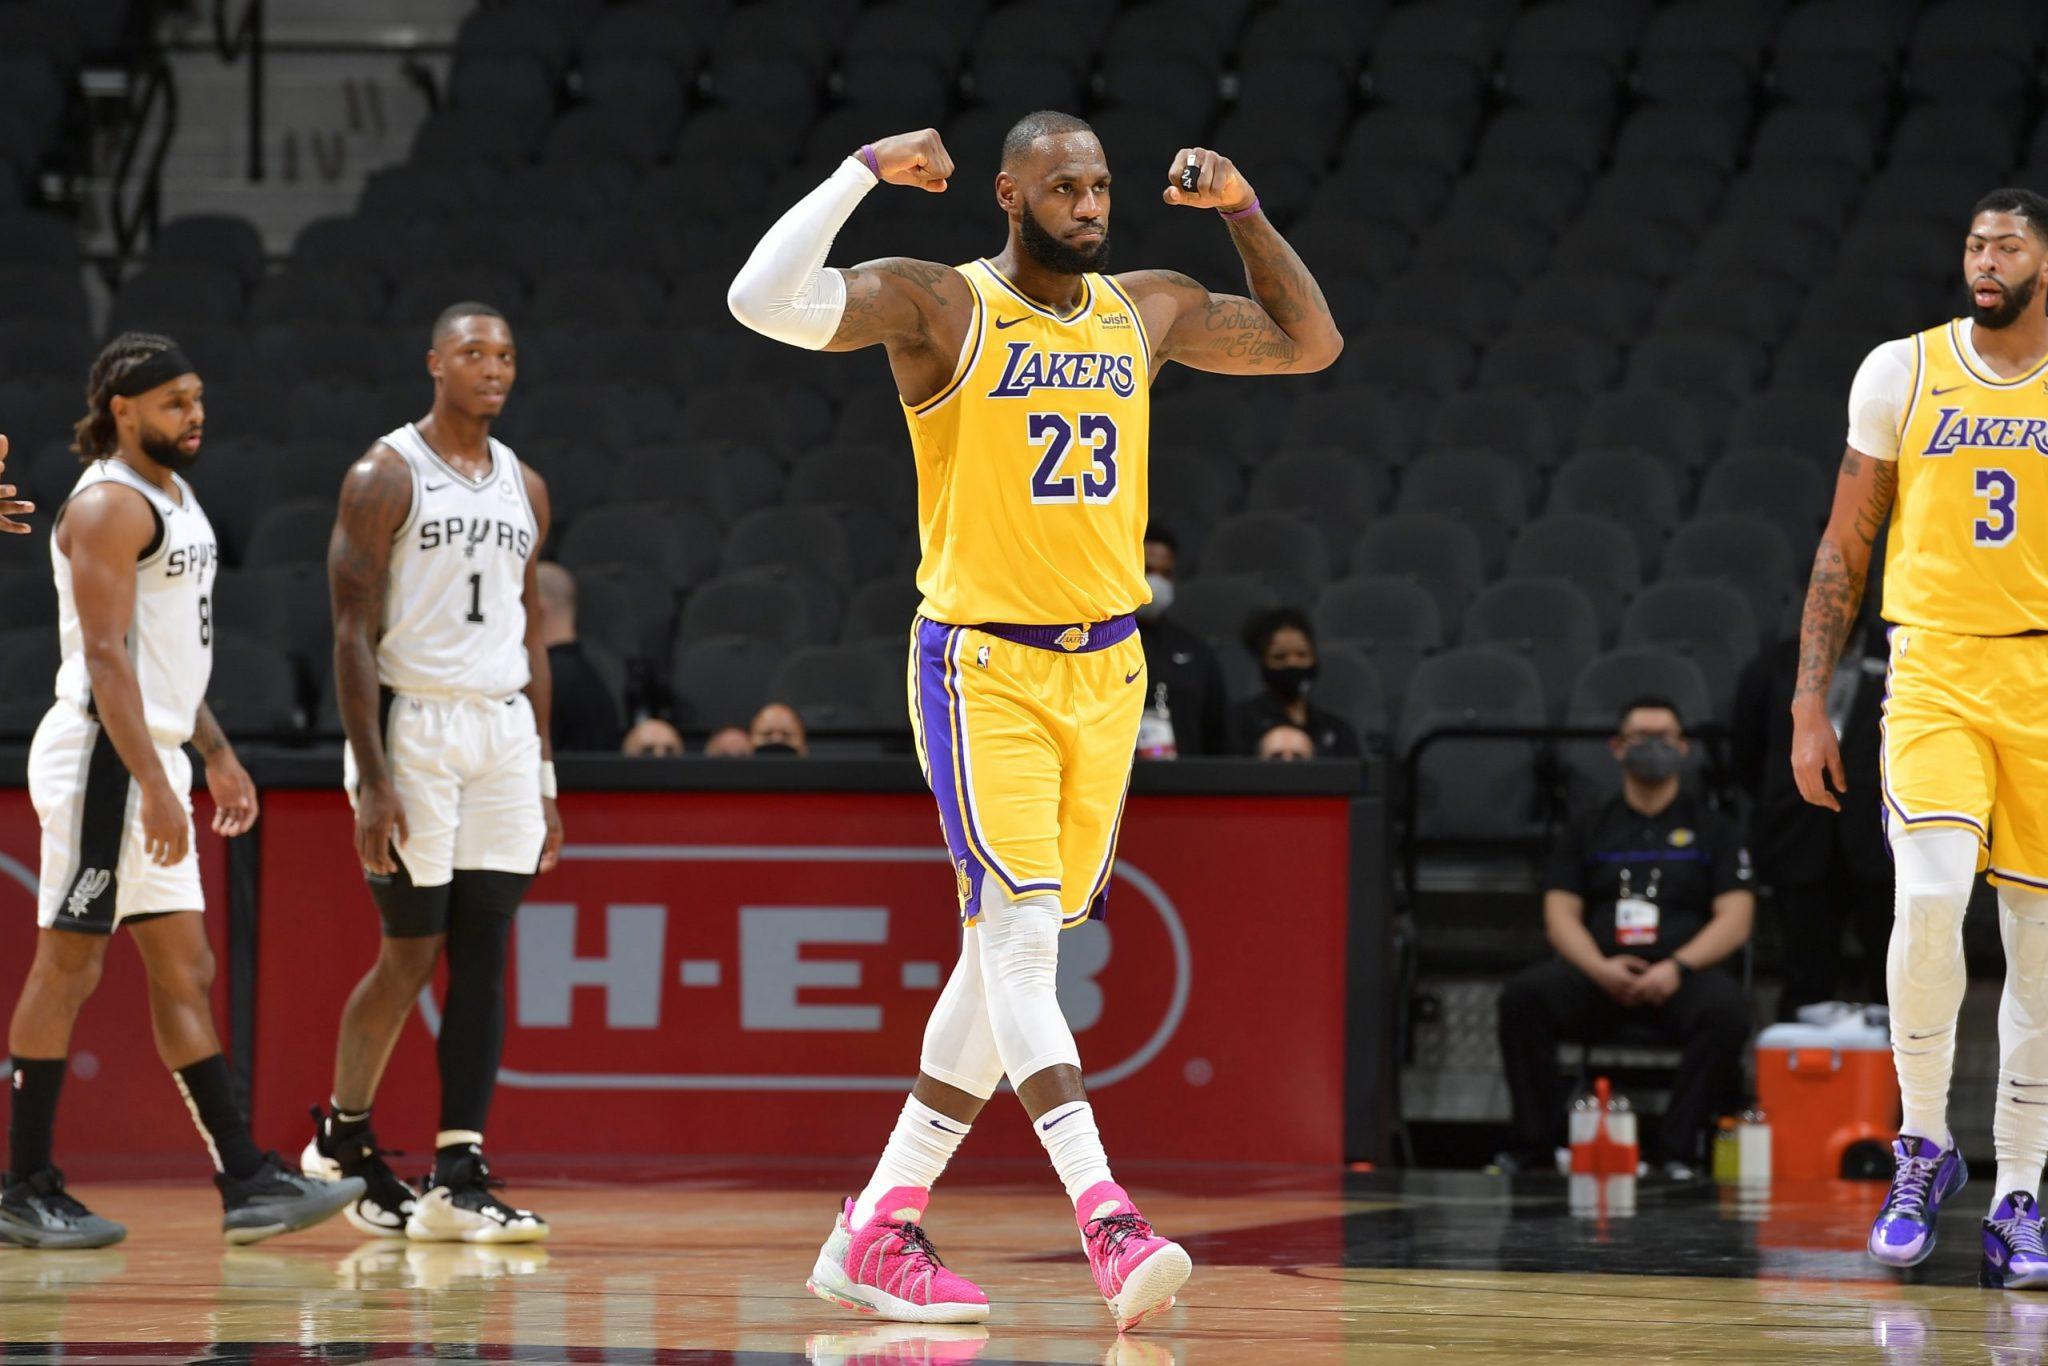 Histórico LeBron James: único jugador en llegar a 1000 partidos con dobles dígitos de manera consecutiva